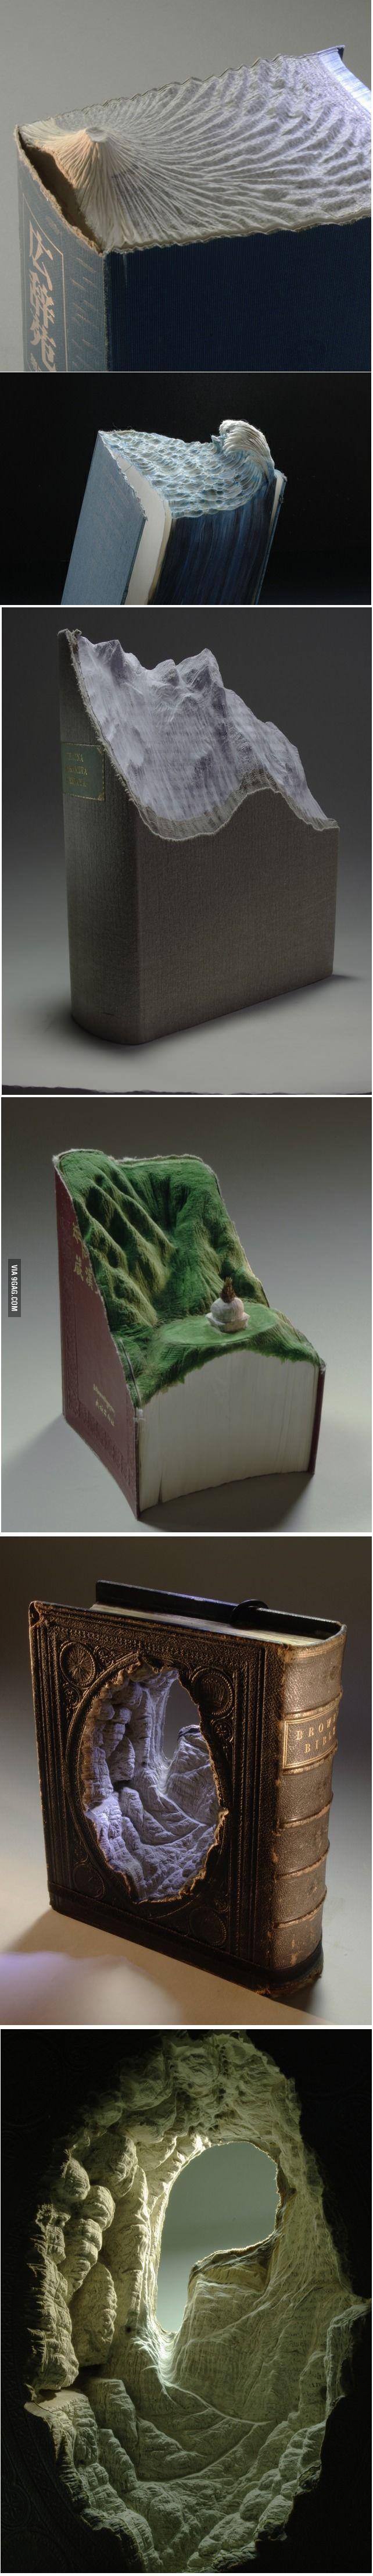 Landscapes carved on books!